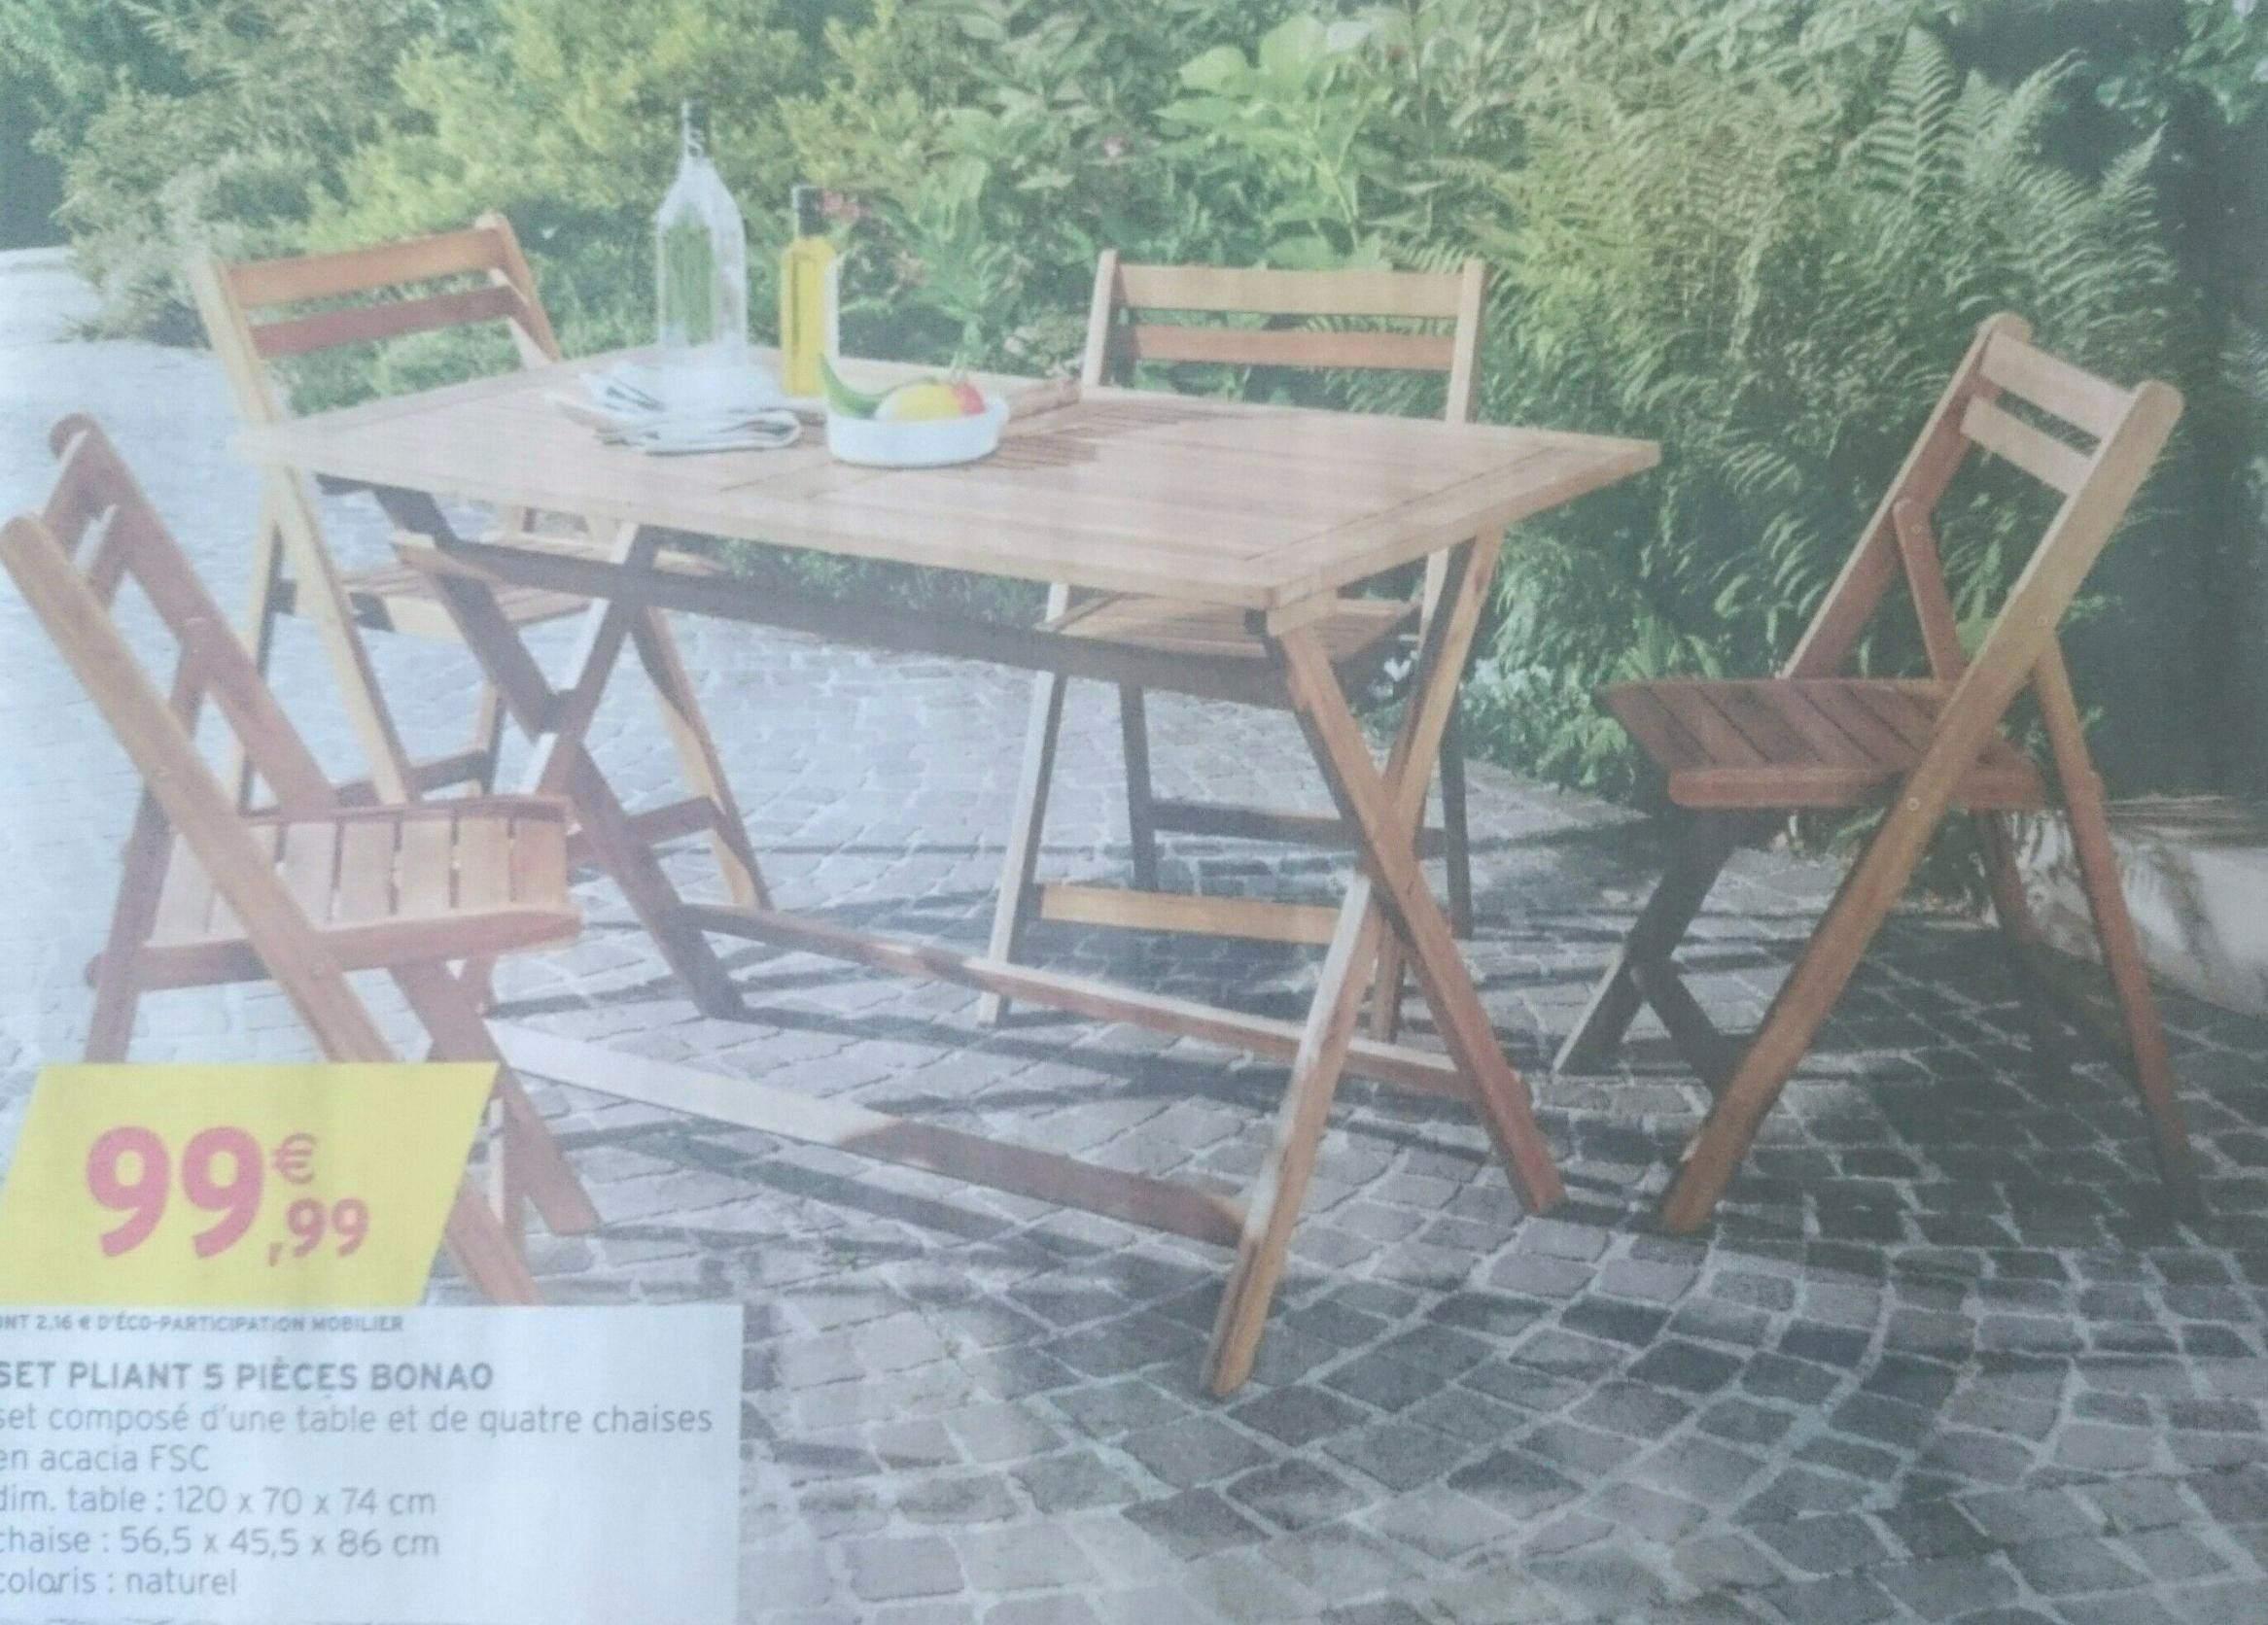 Salon de jardin wood forever - Châlet, maison et cabane